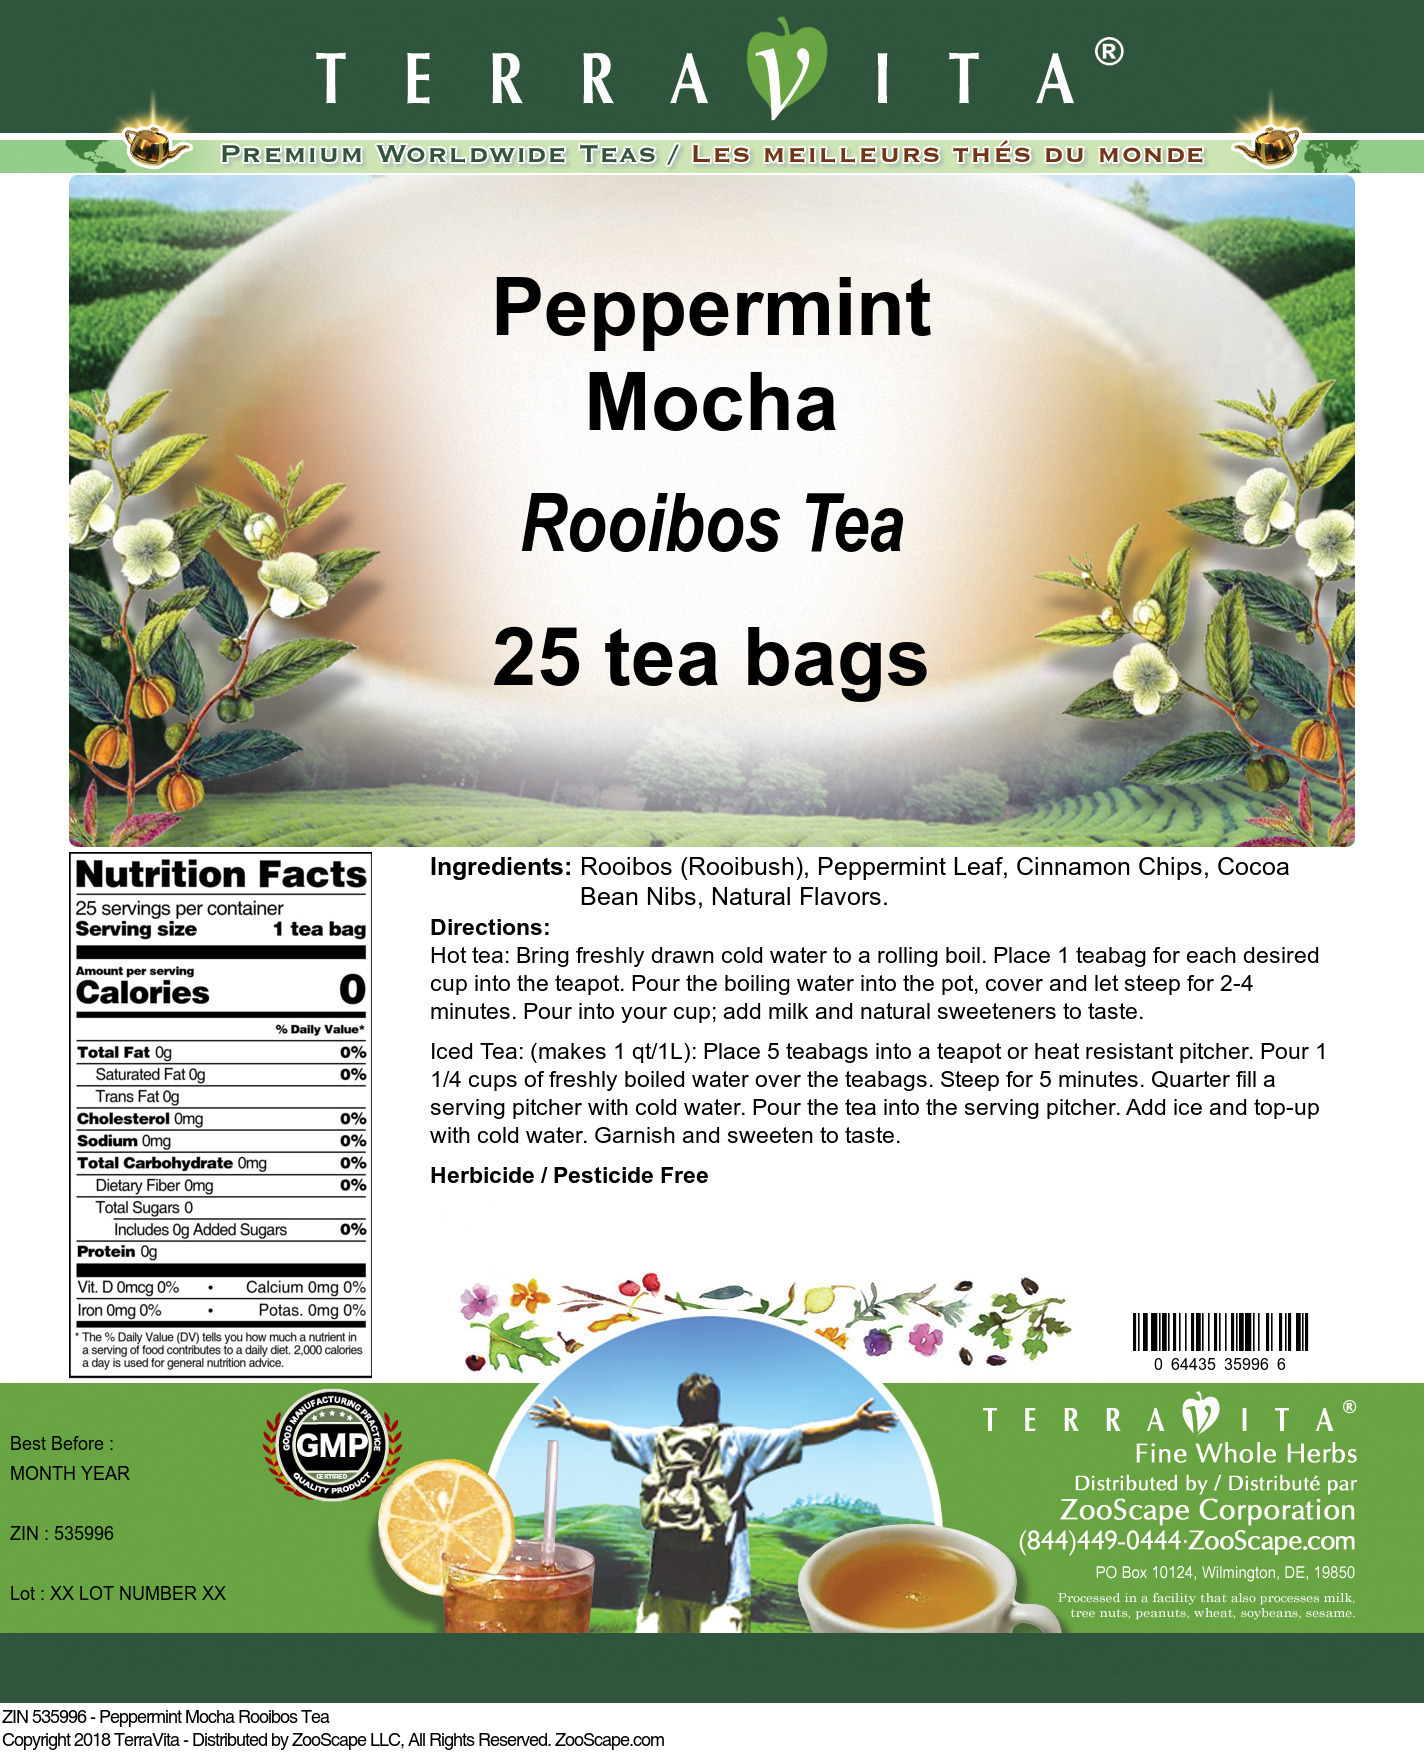 Peppermint Mocha Rooibos Tea